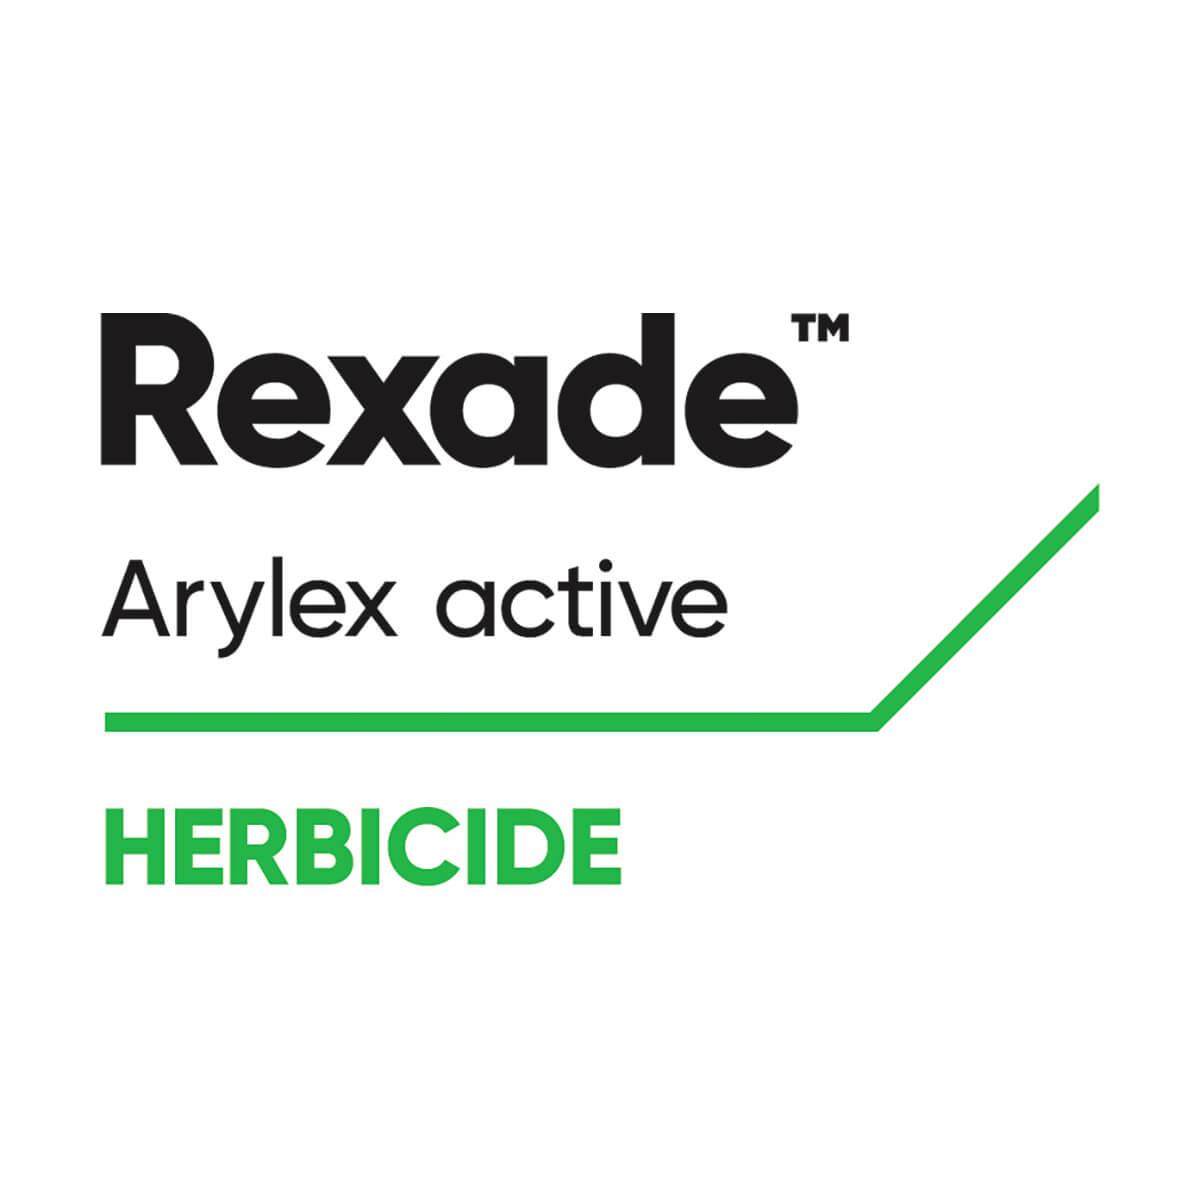 REXADE - 40 Acre Case